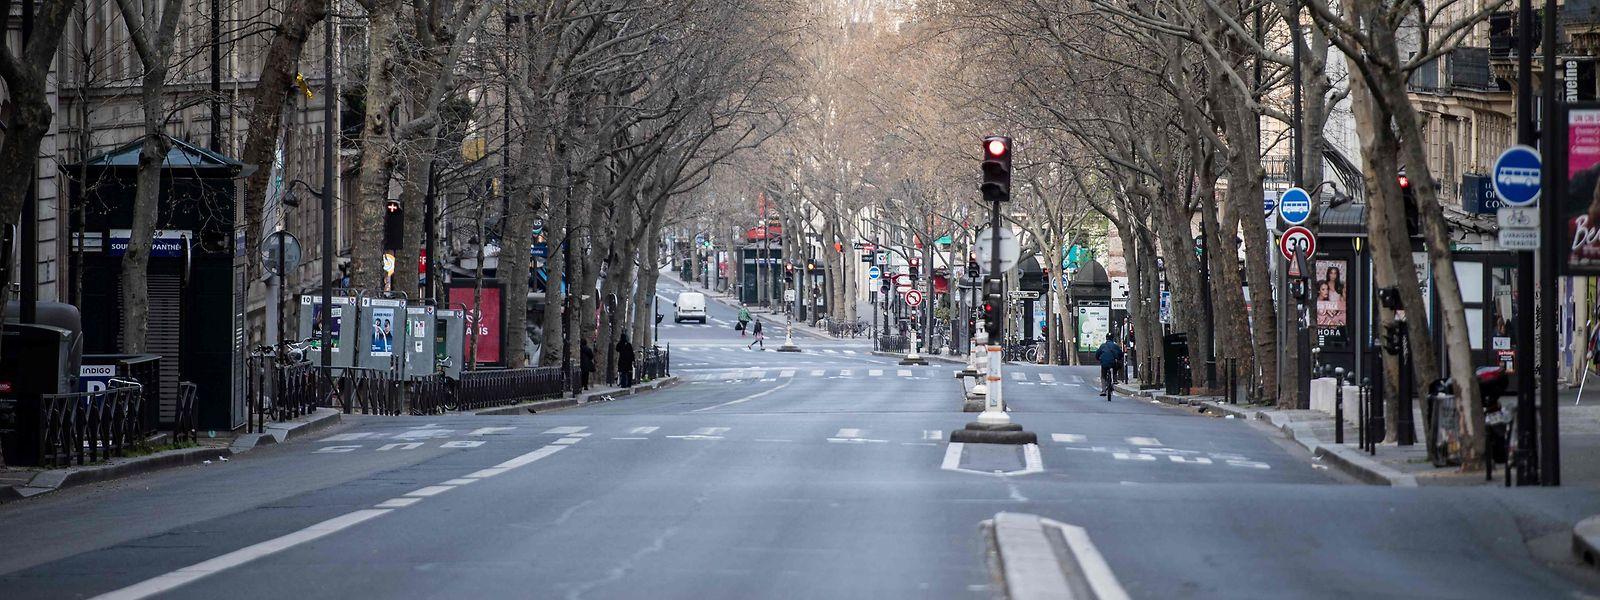 Der Boulevard St. Michel - so ruhig ging es auf den Straßen der französischen Hauptstadt schon seint Ewigkeiten nicht mehr zu.